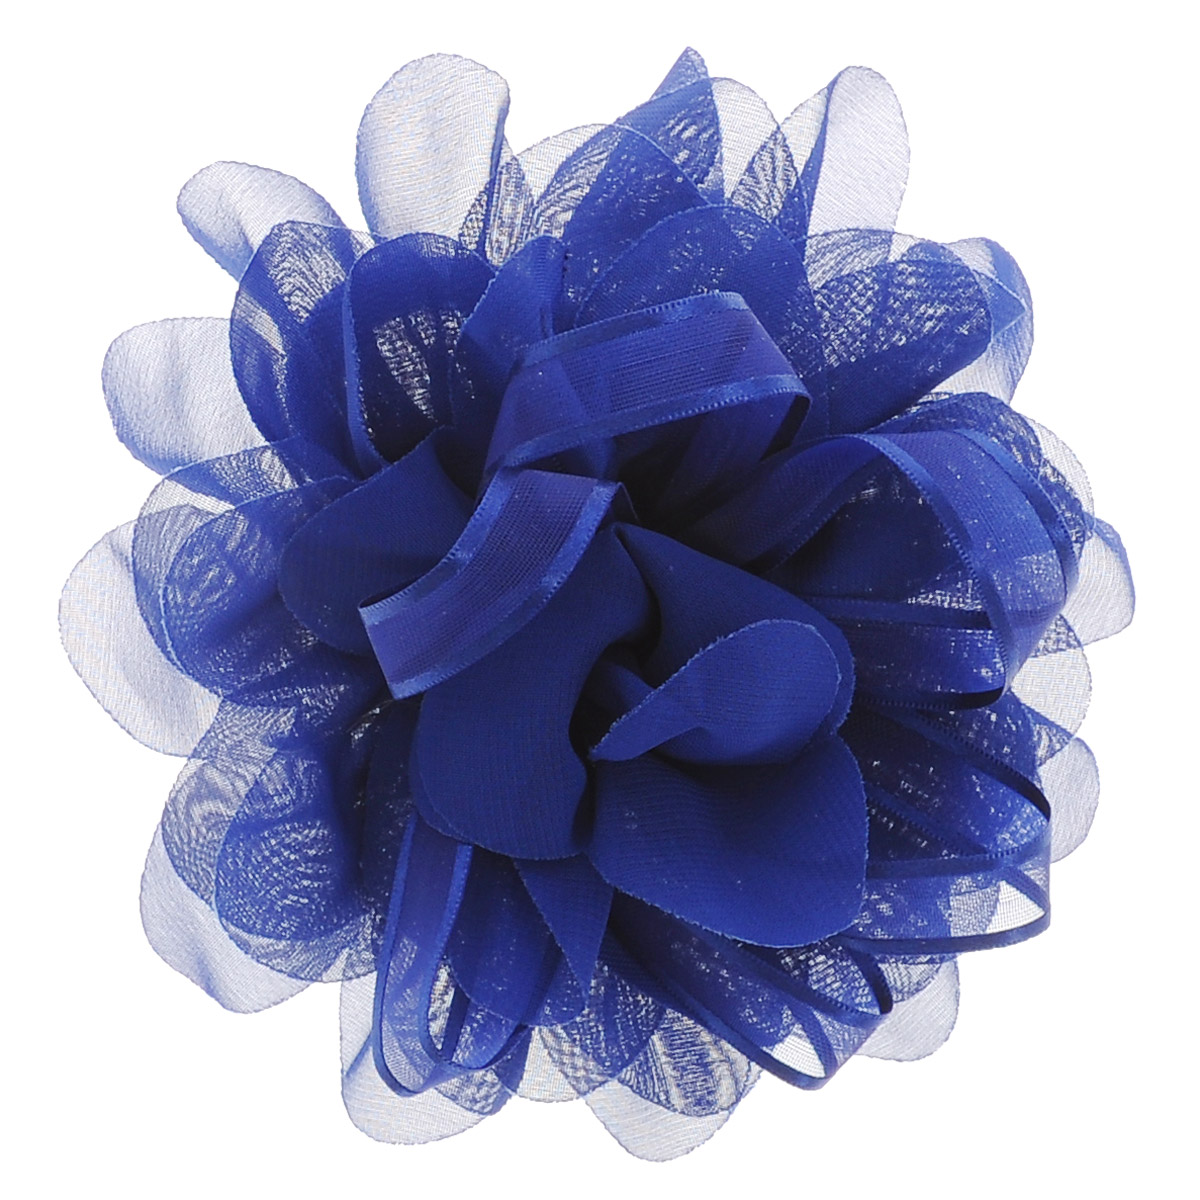 Babys Joy Резинка для волос, цвет: синий. DB 355Серьги с подвескамиРезинка для волос Babys Joy выполнена в виде большого цветка из текстиля и в центре оформлена лентой из органзы. Резинка для волос Babys Joy подчеркнет красоту прически вашей маленькой модницы.